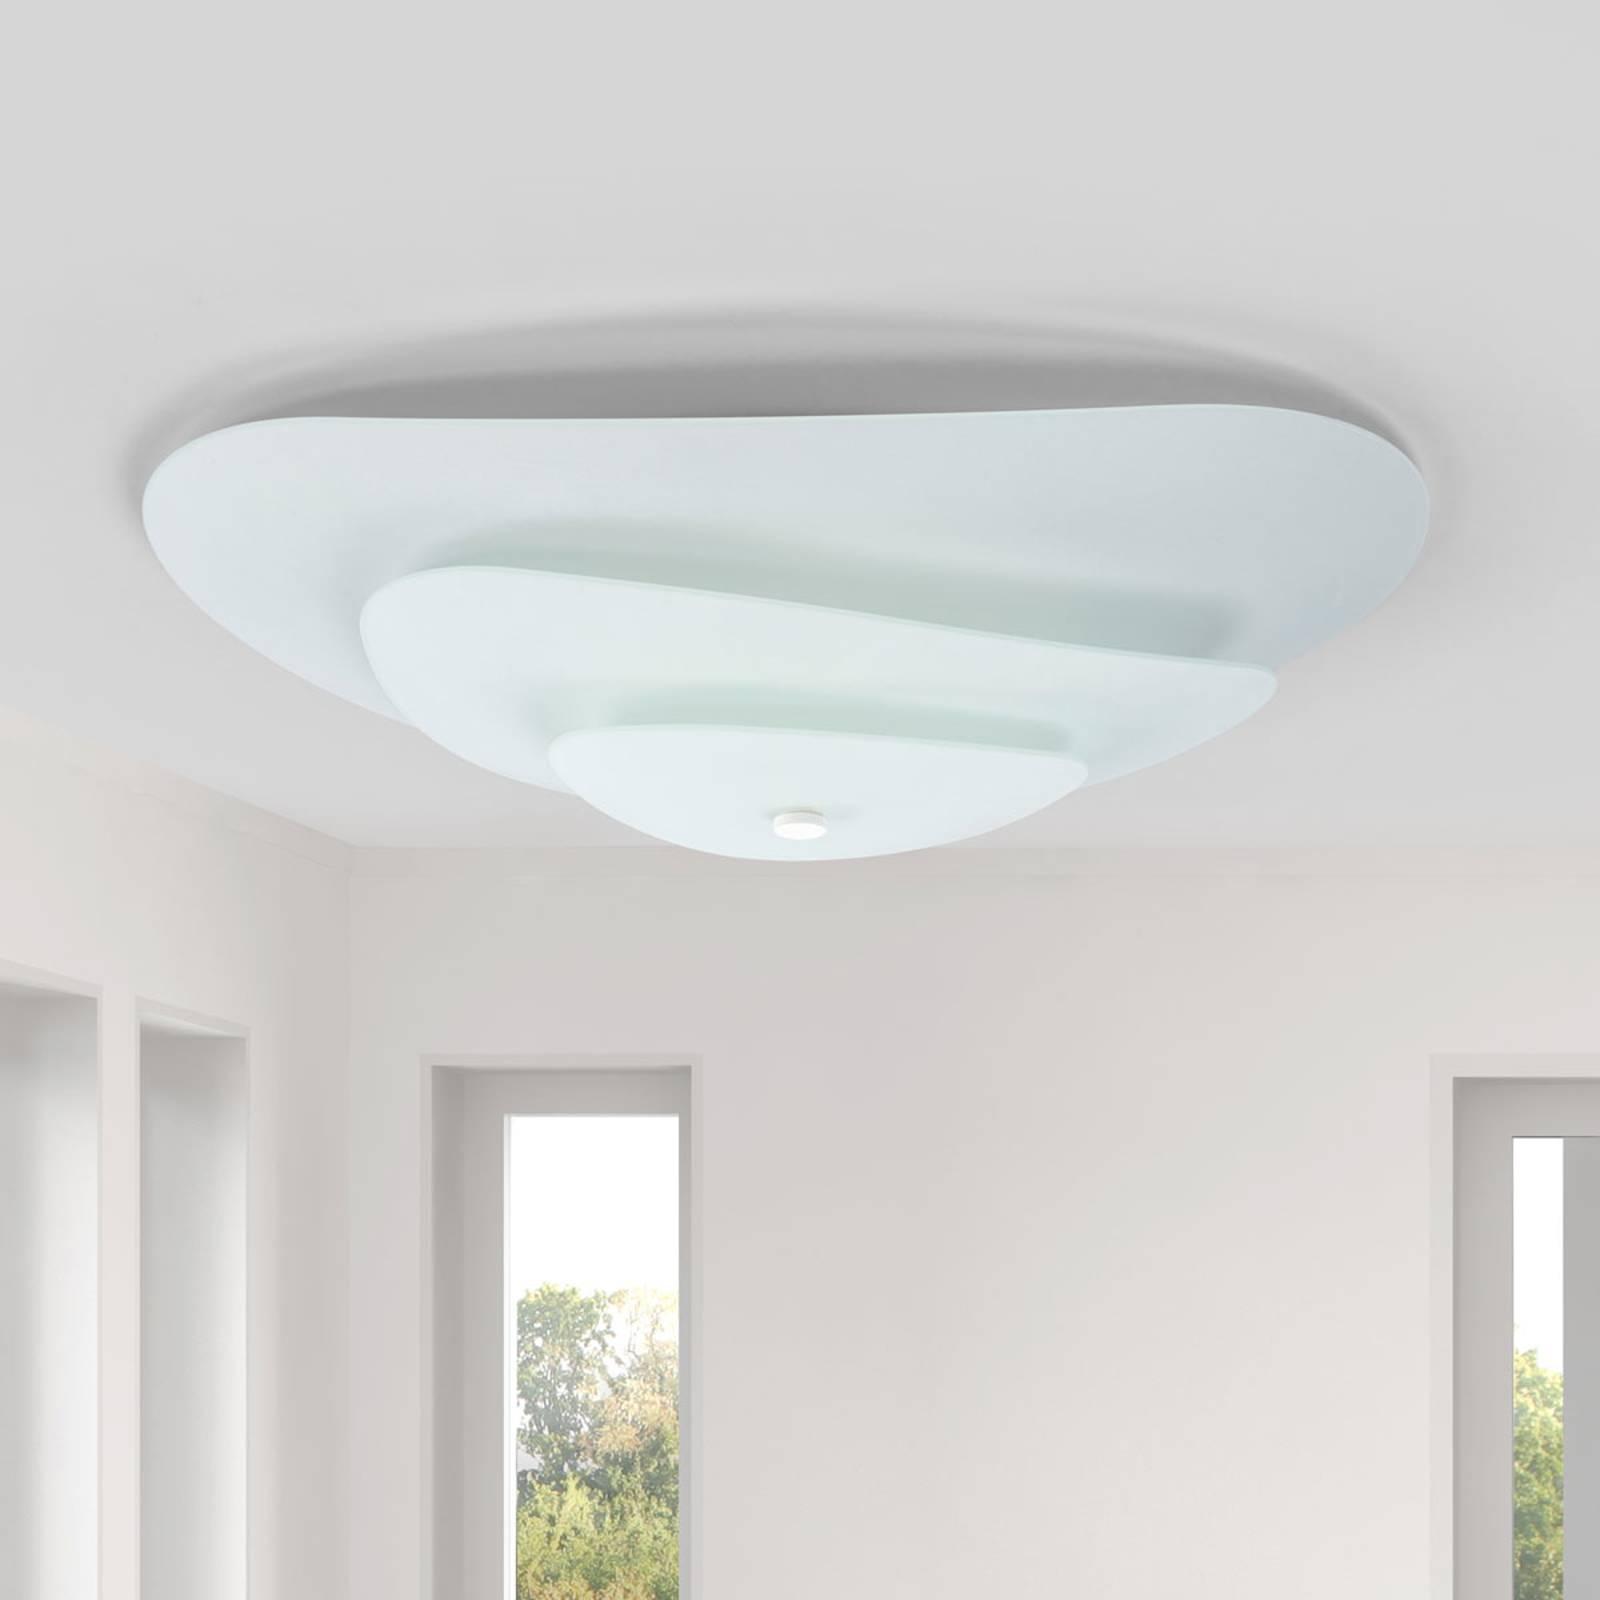 Moledro - een plafondlamp met driedelige lampenkap